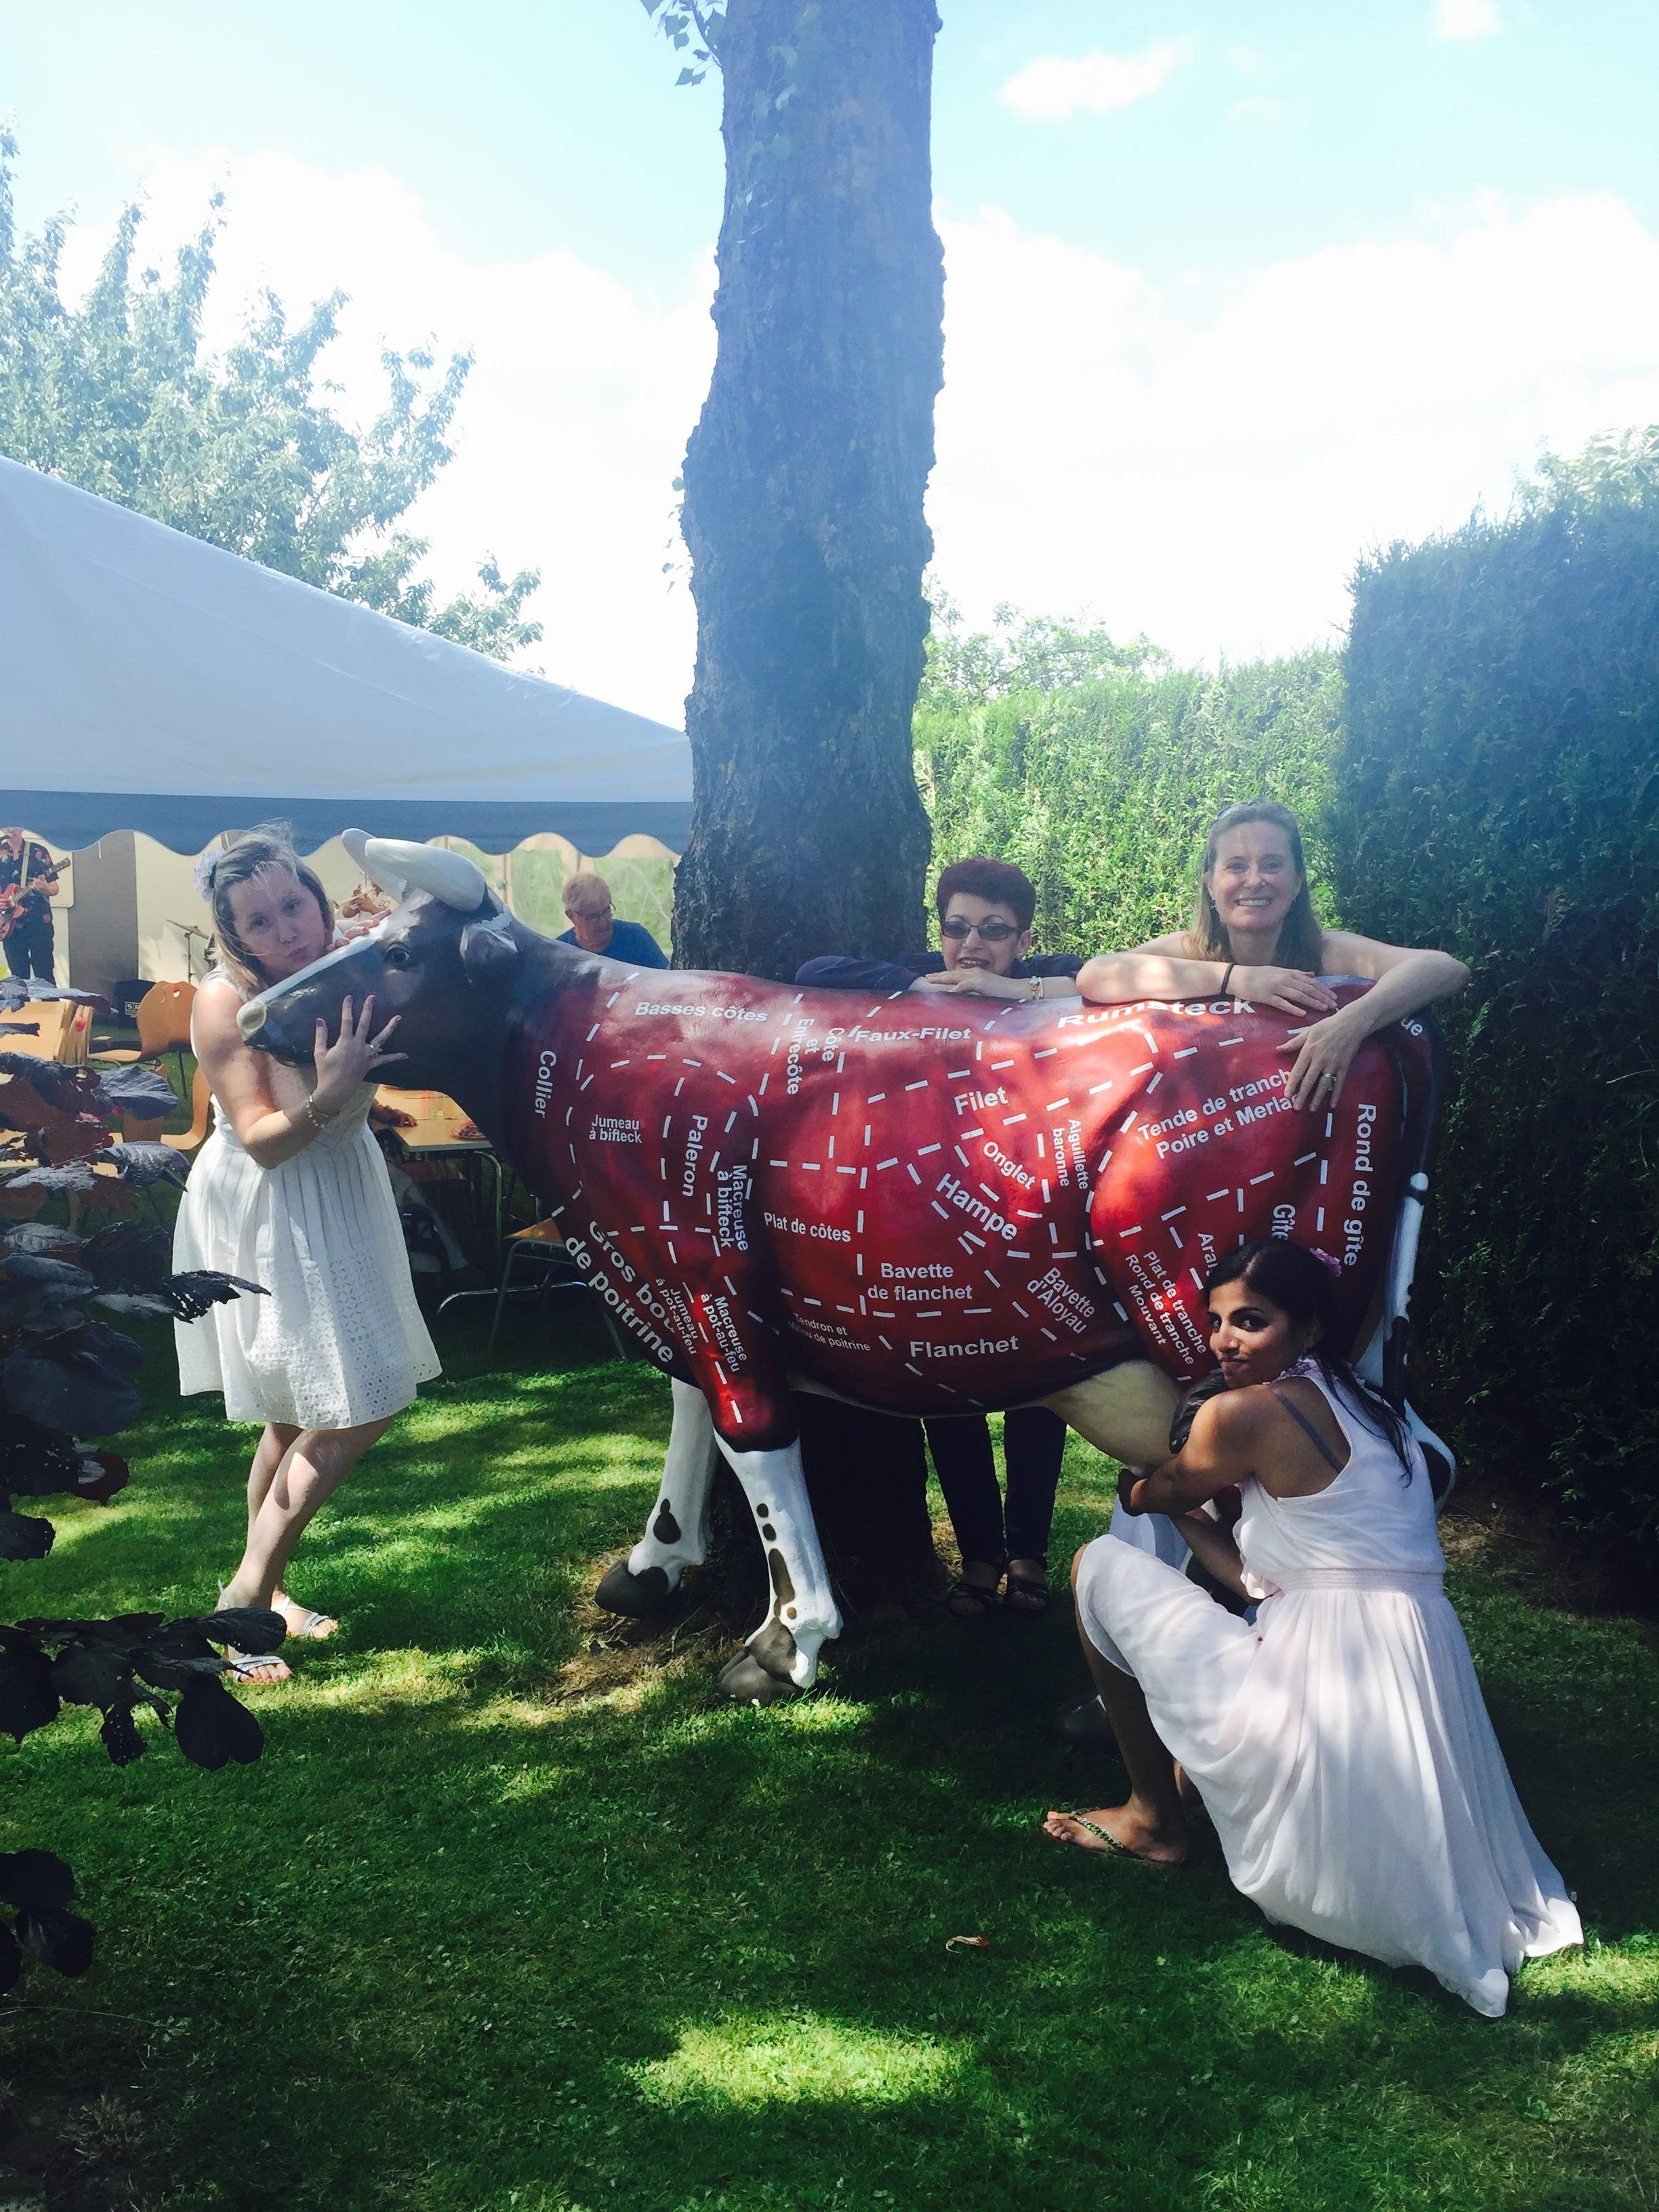 La vache de Boeuf L'Éclair